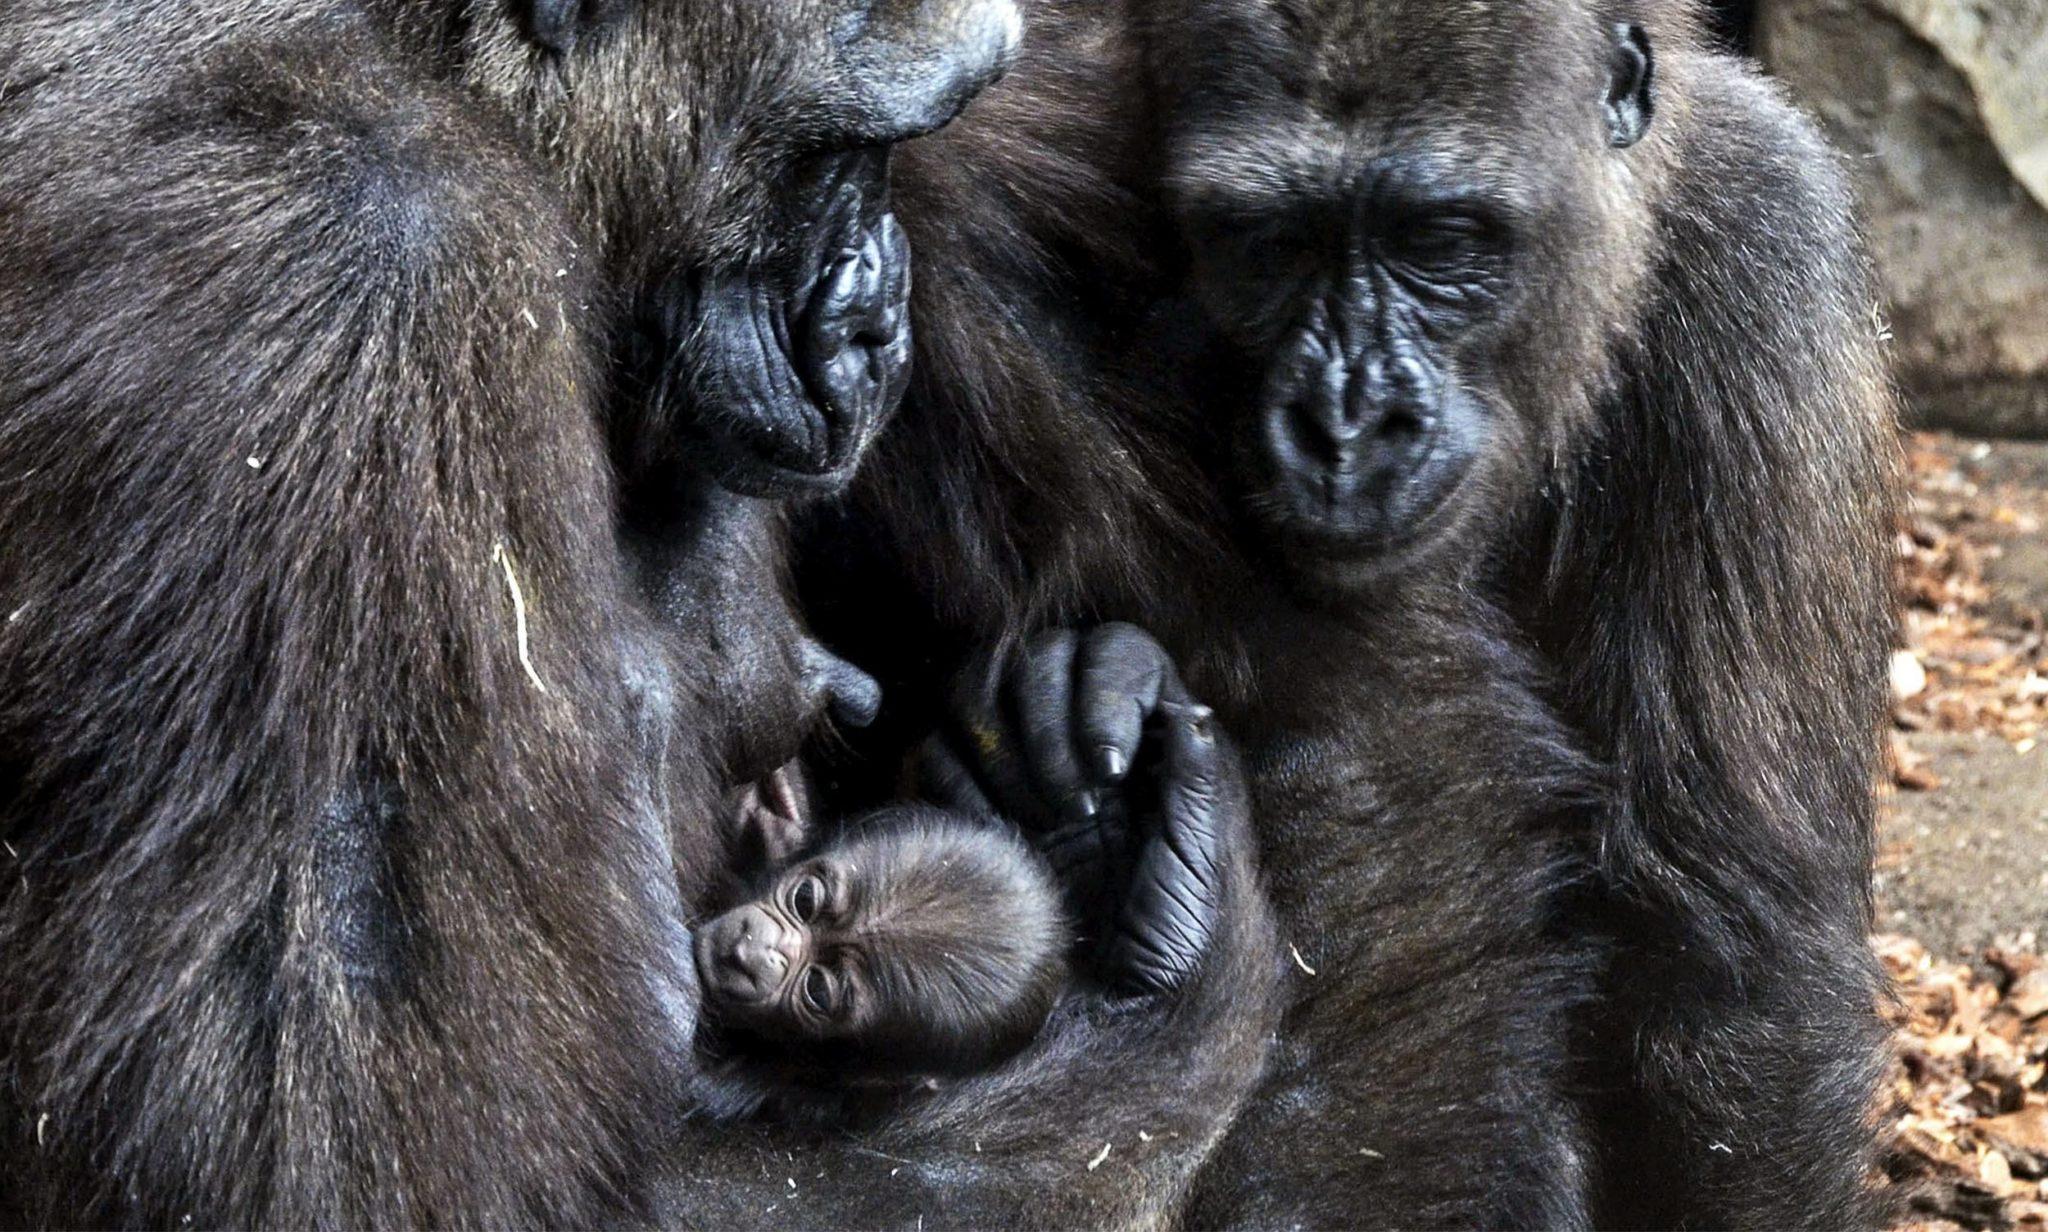 Narodziny małej gorylicy, BioPark w Walencji w Hiszpanii, 4dniowe dziecko jest trzecim w tym roku w tym ogrodzie zoologicznym, fot: PAP/EPA